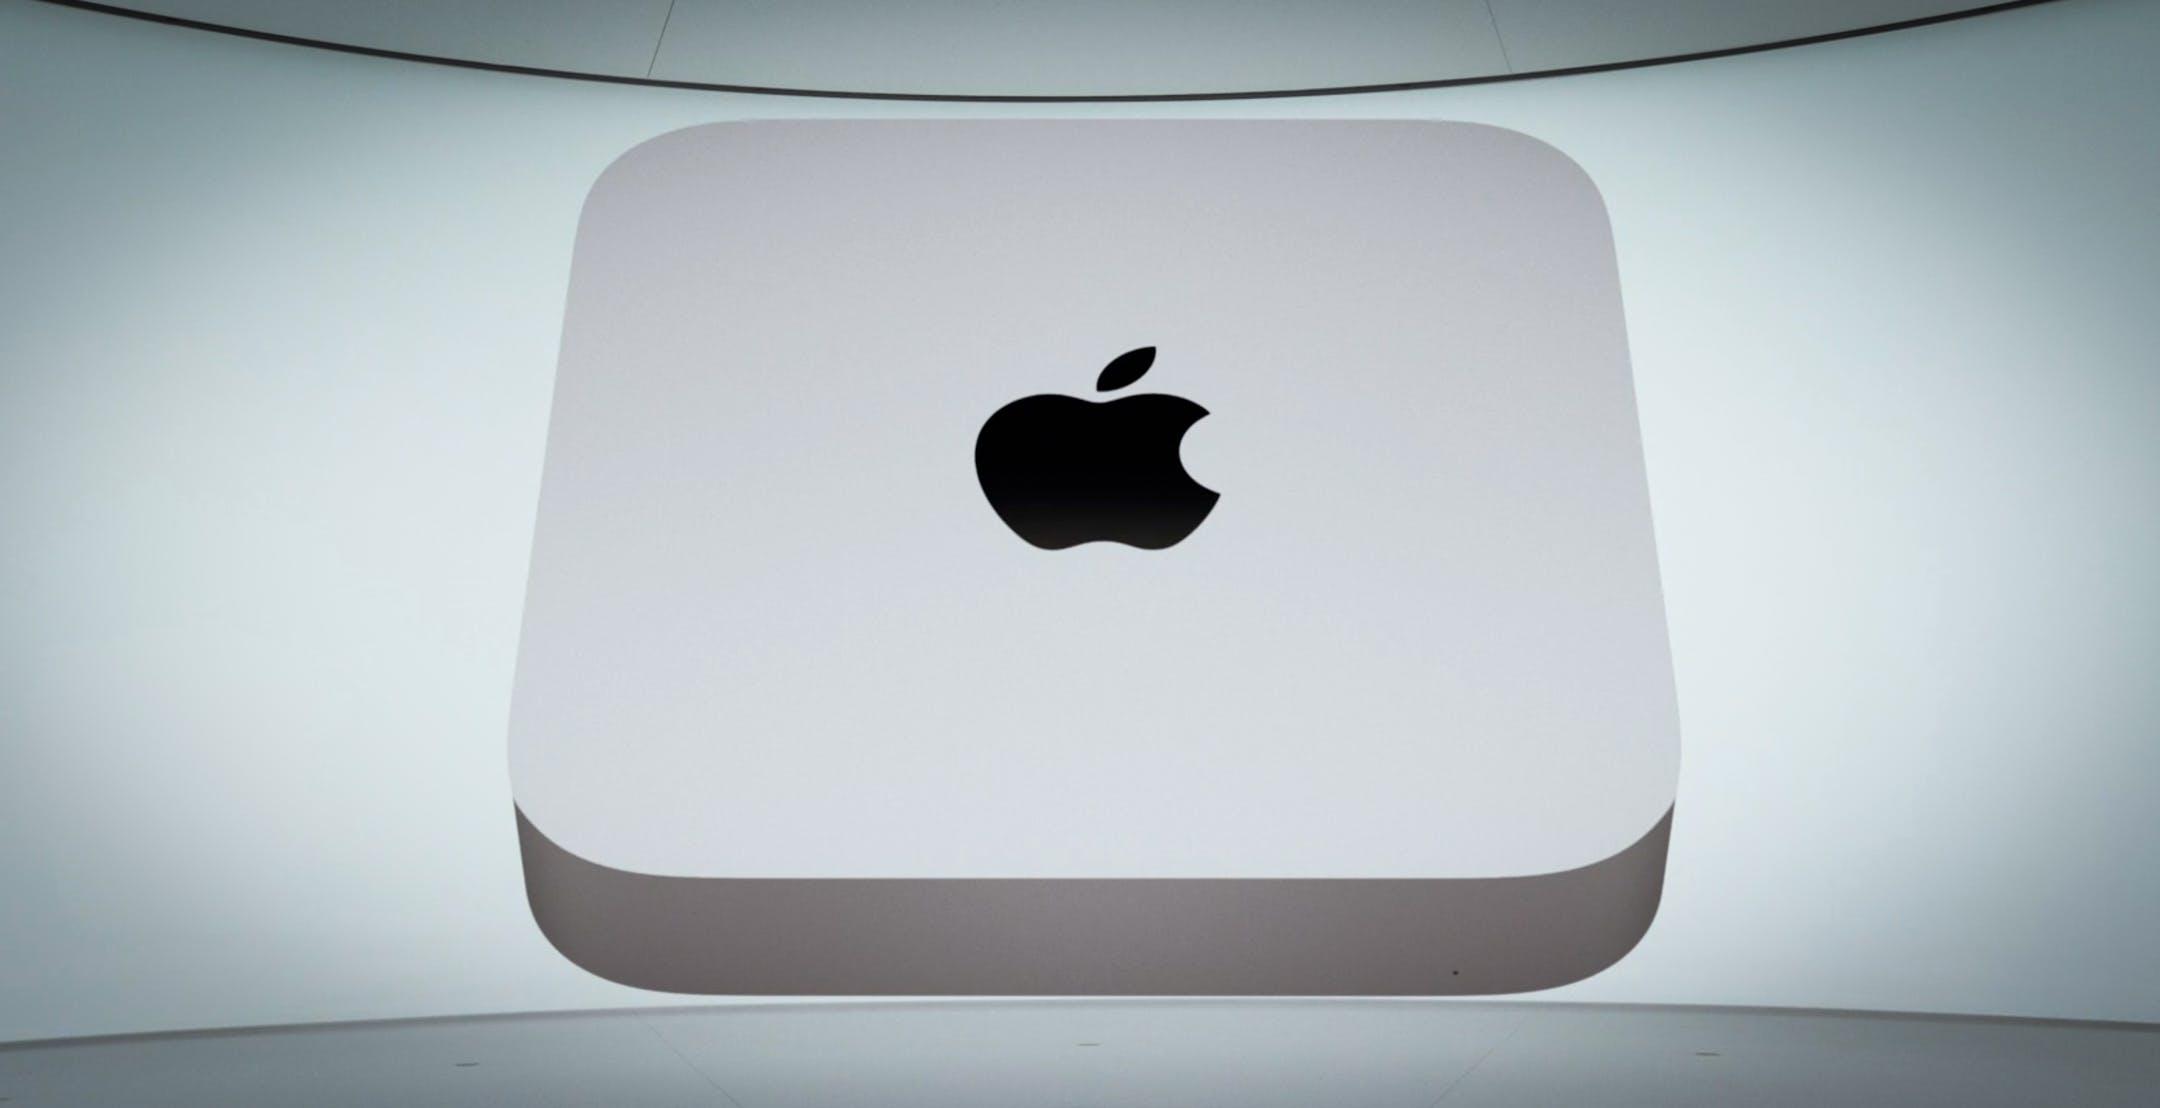 Il primo Mac desktop con M1 è il nuovo Mac mini